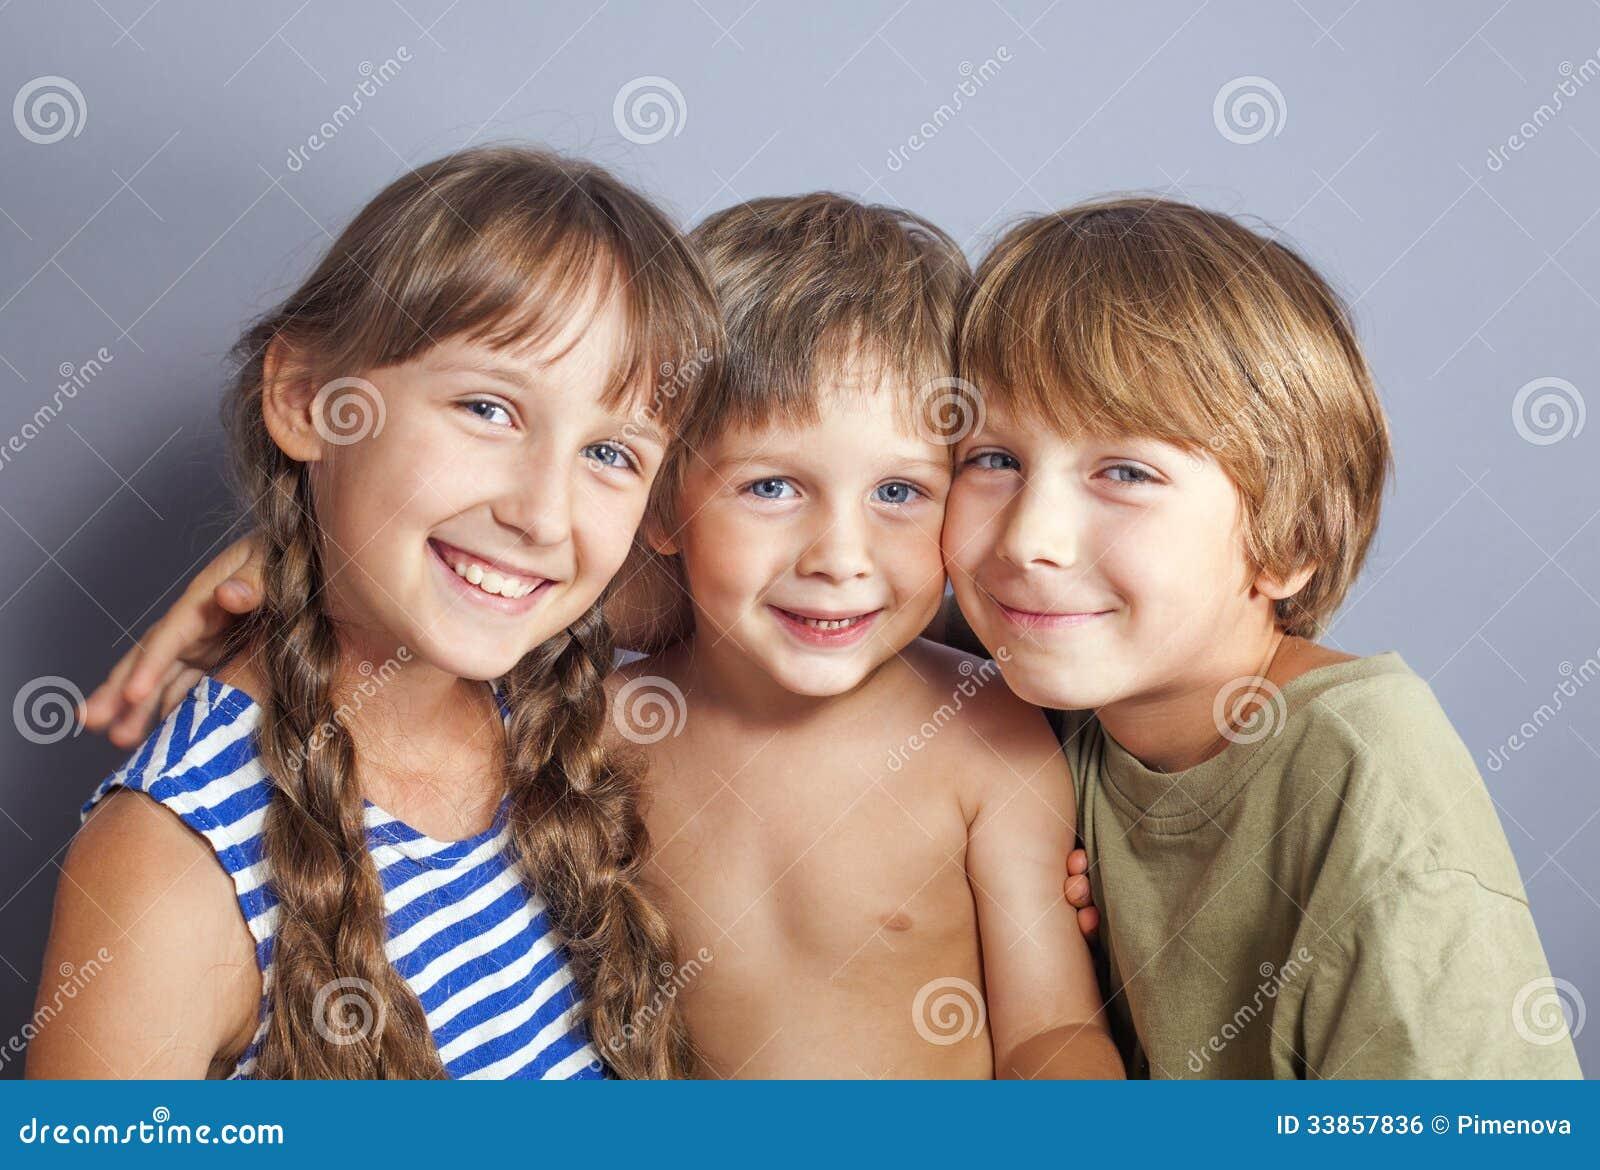 Секс домашный брат с сестрой 17 фотография